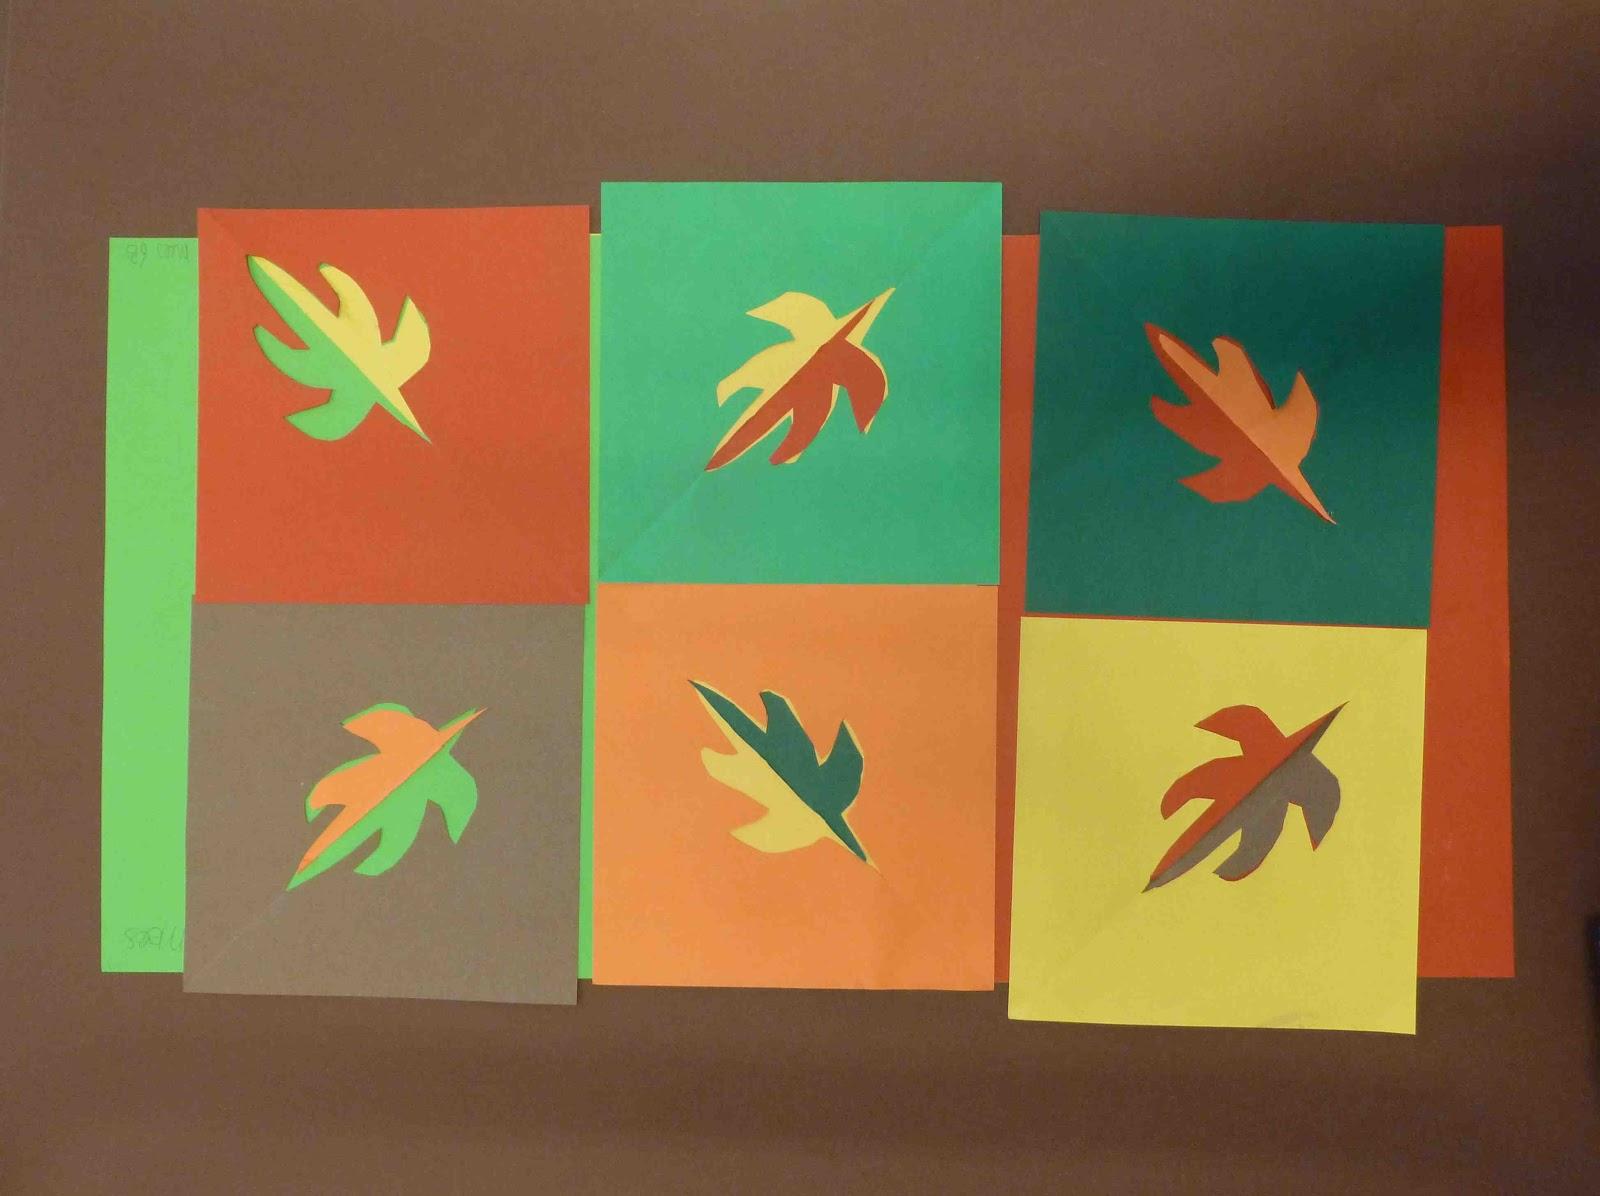 mijn ogen zien en mijn handen maken: Herst als Matisse